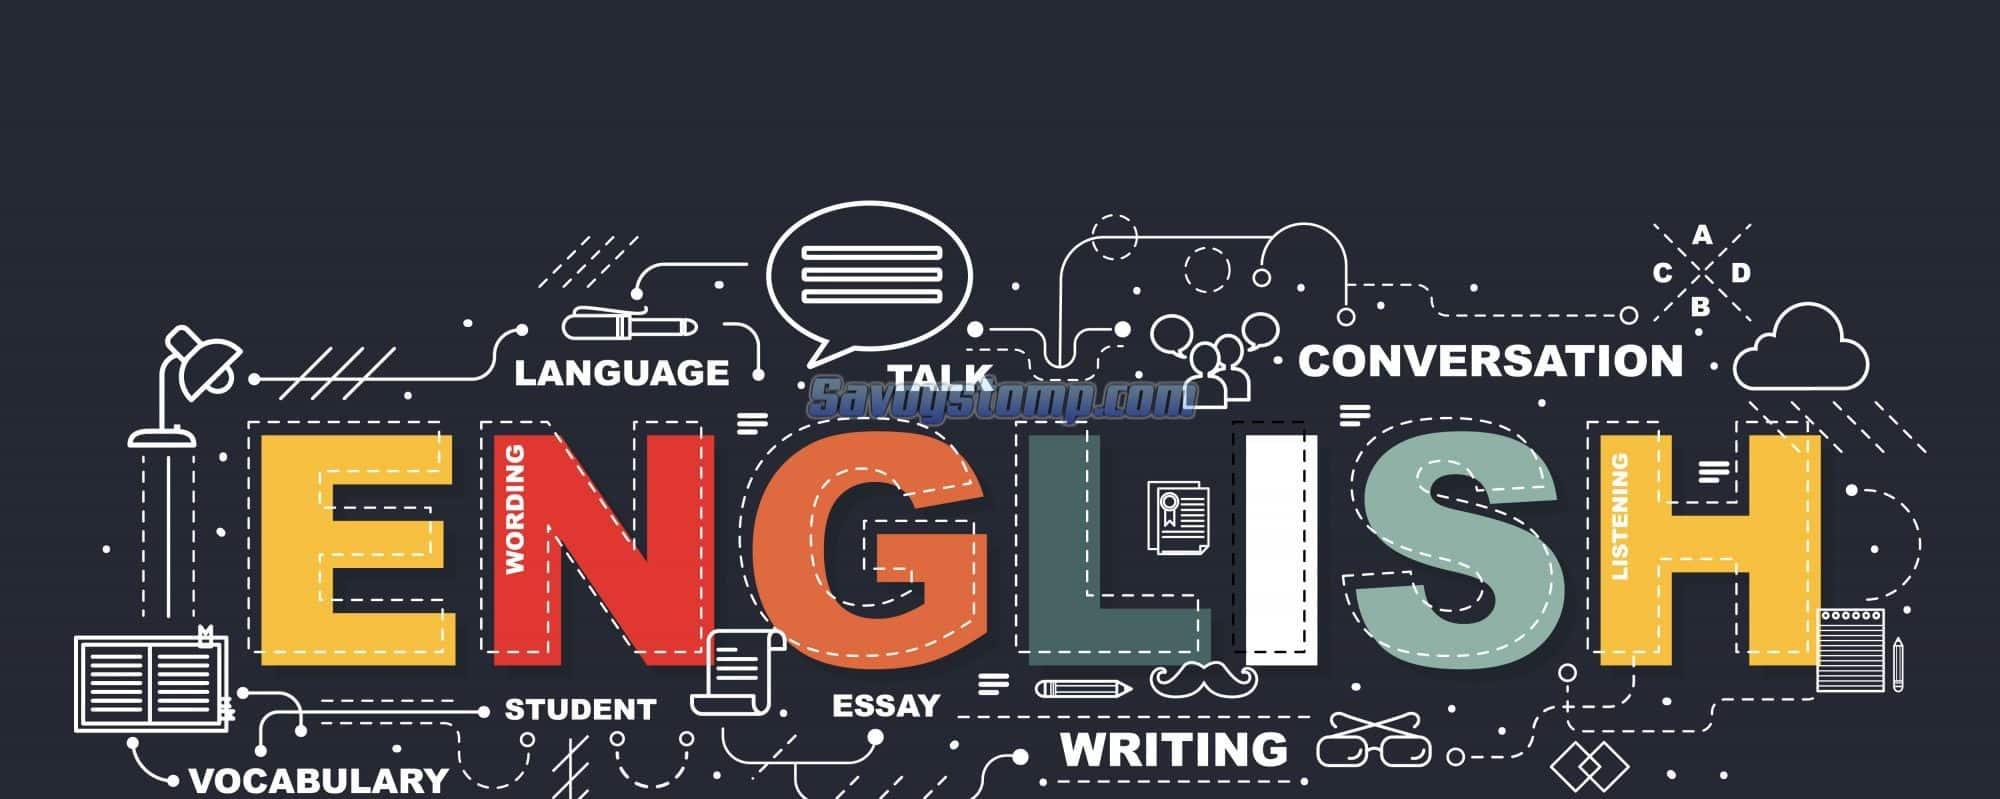 Soal-Bahasa-Inggris-Kelas-10